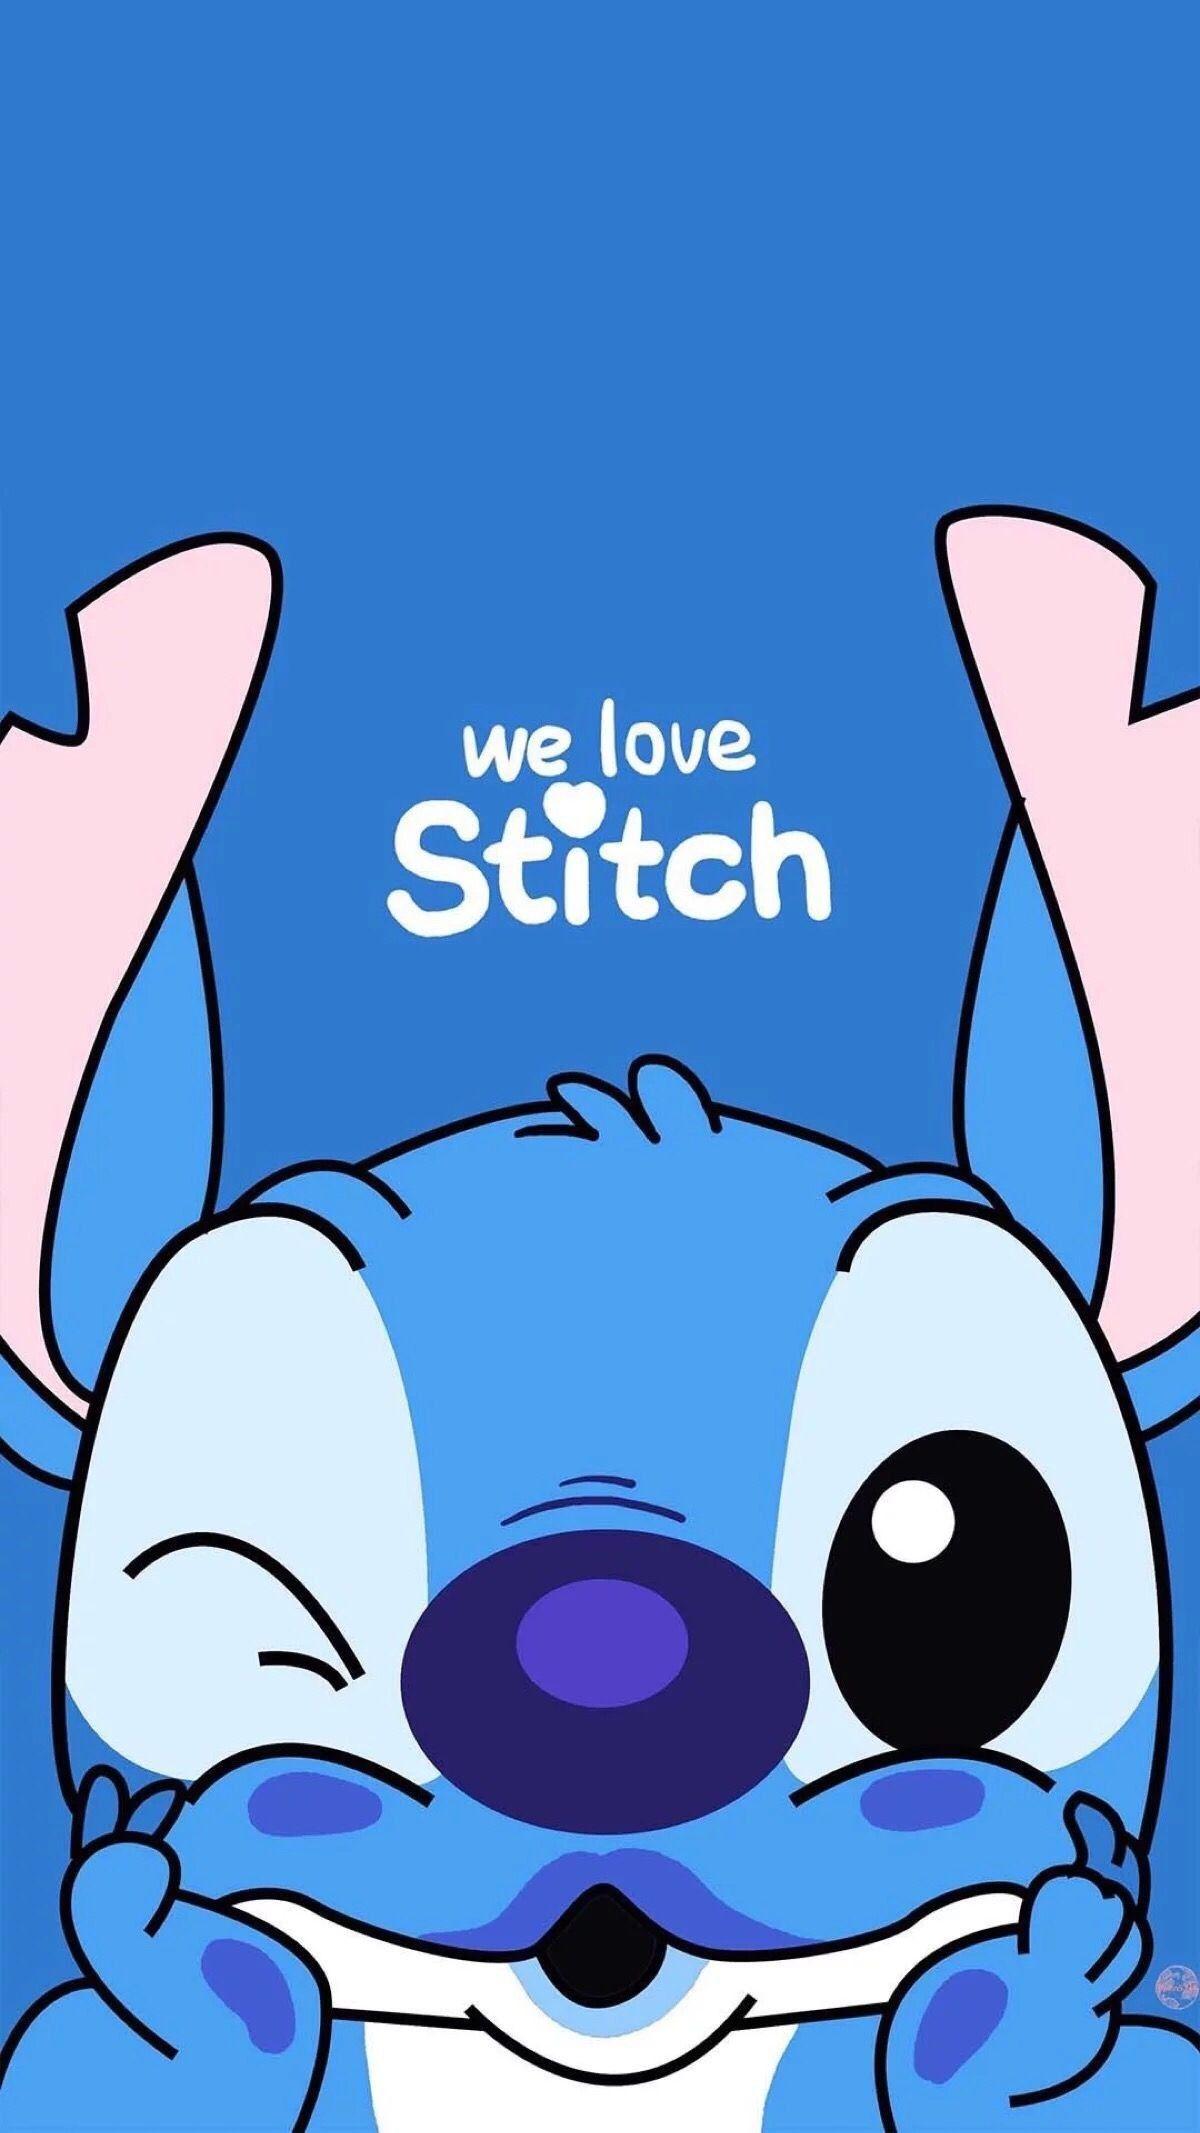 We Love Stitch Kartun Gambar Lucu Wallpaper Iphone